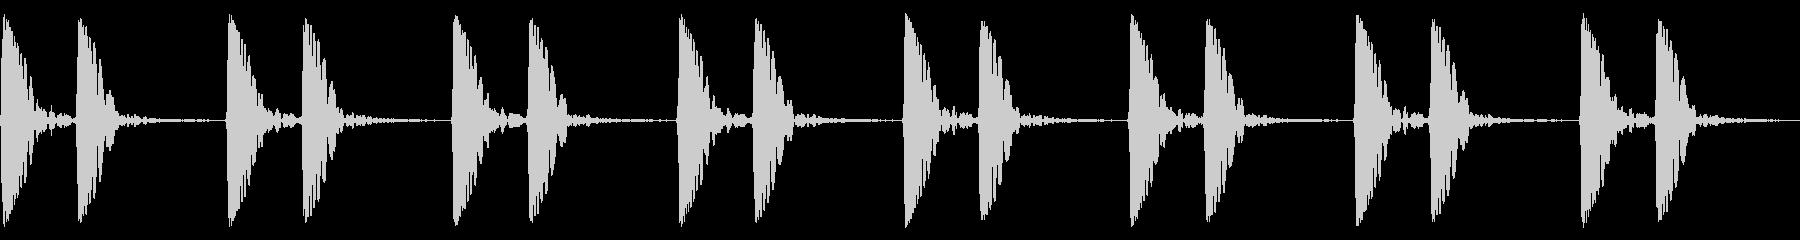 心音/ドックン/心臓の未再生の波形